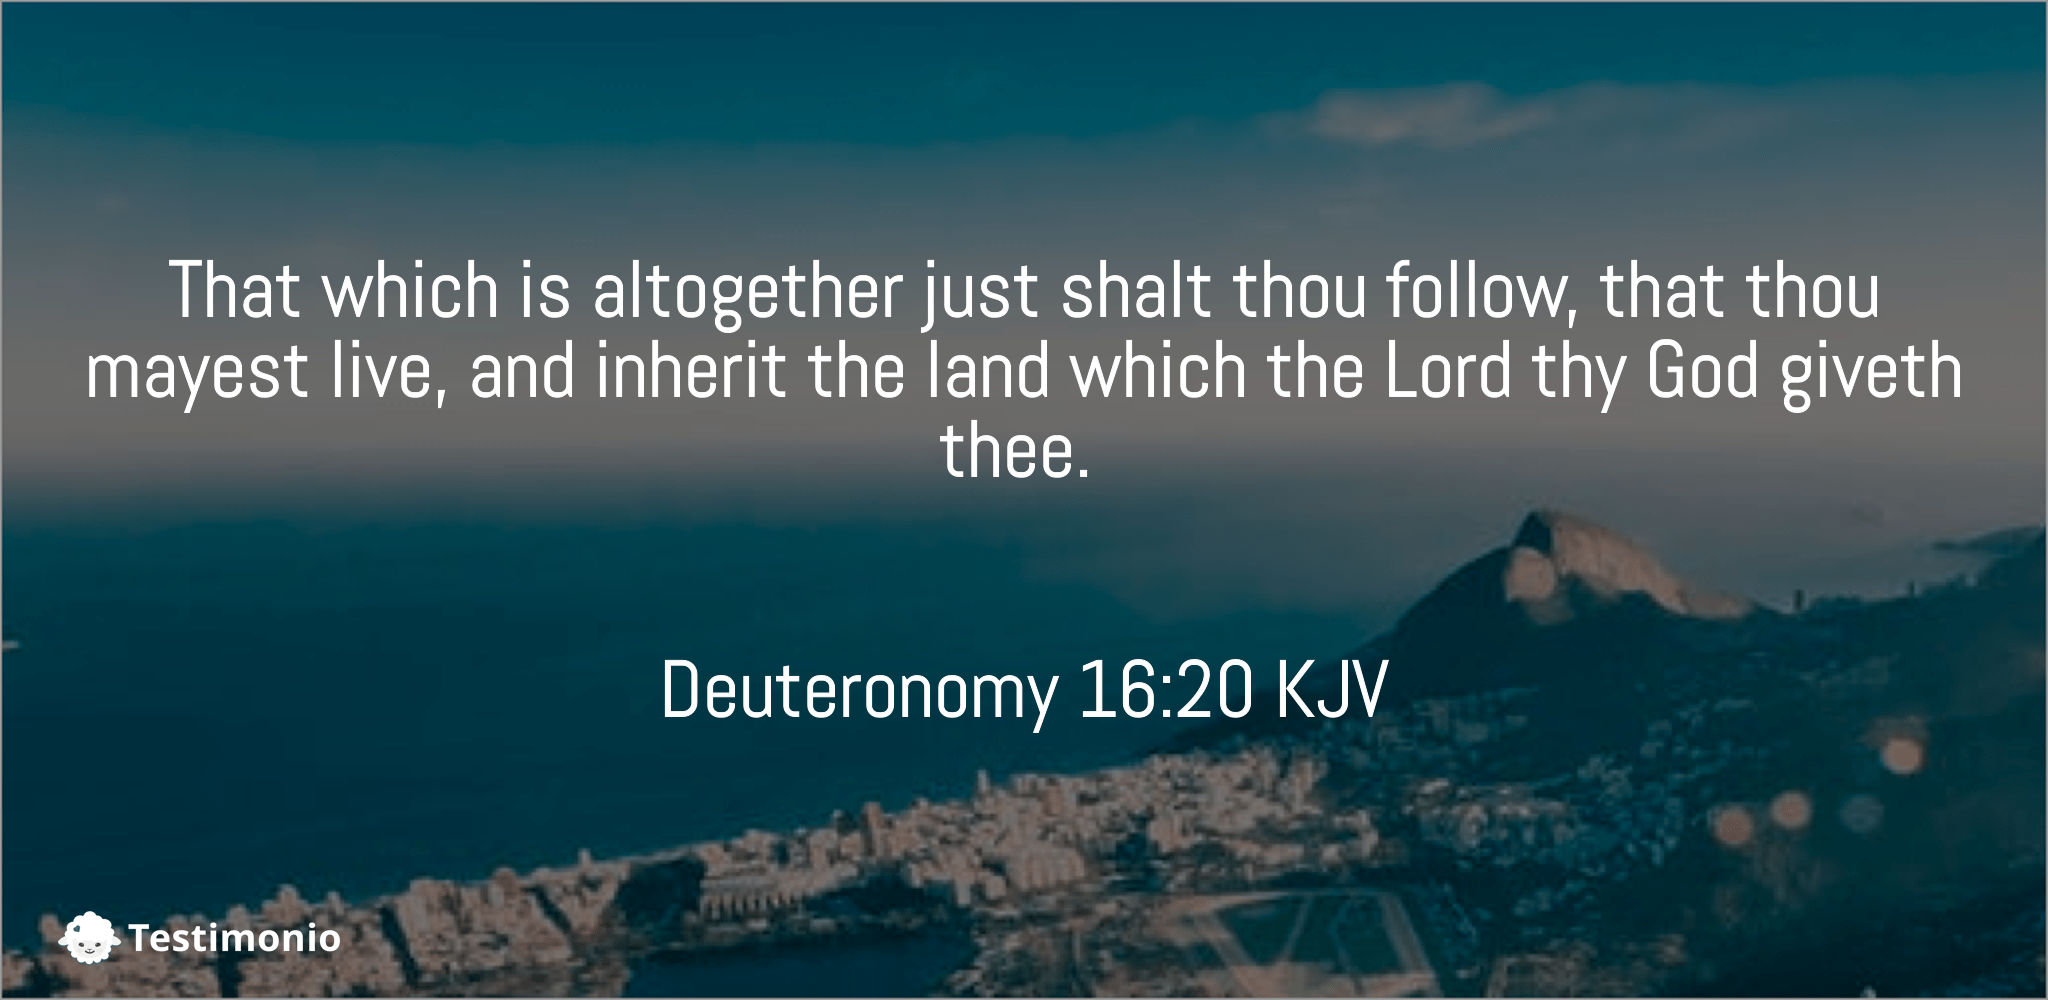 Deuteronomy 16:20